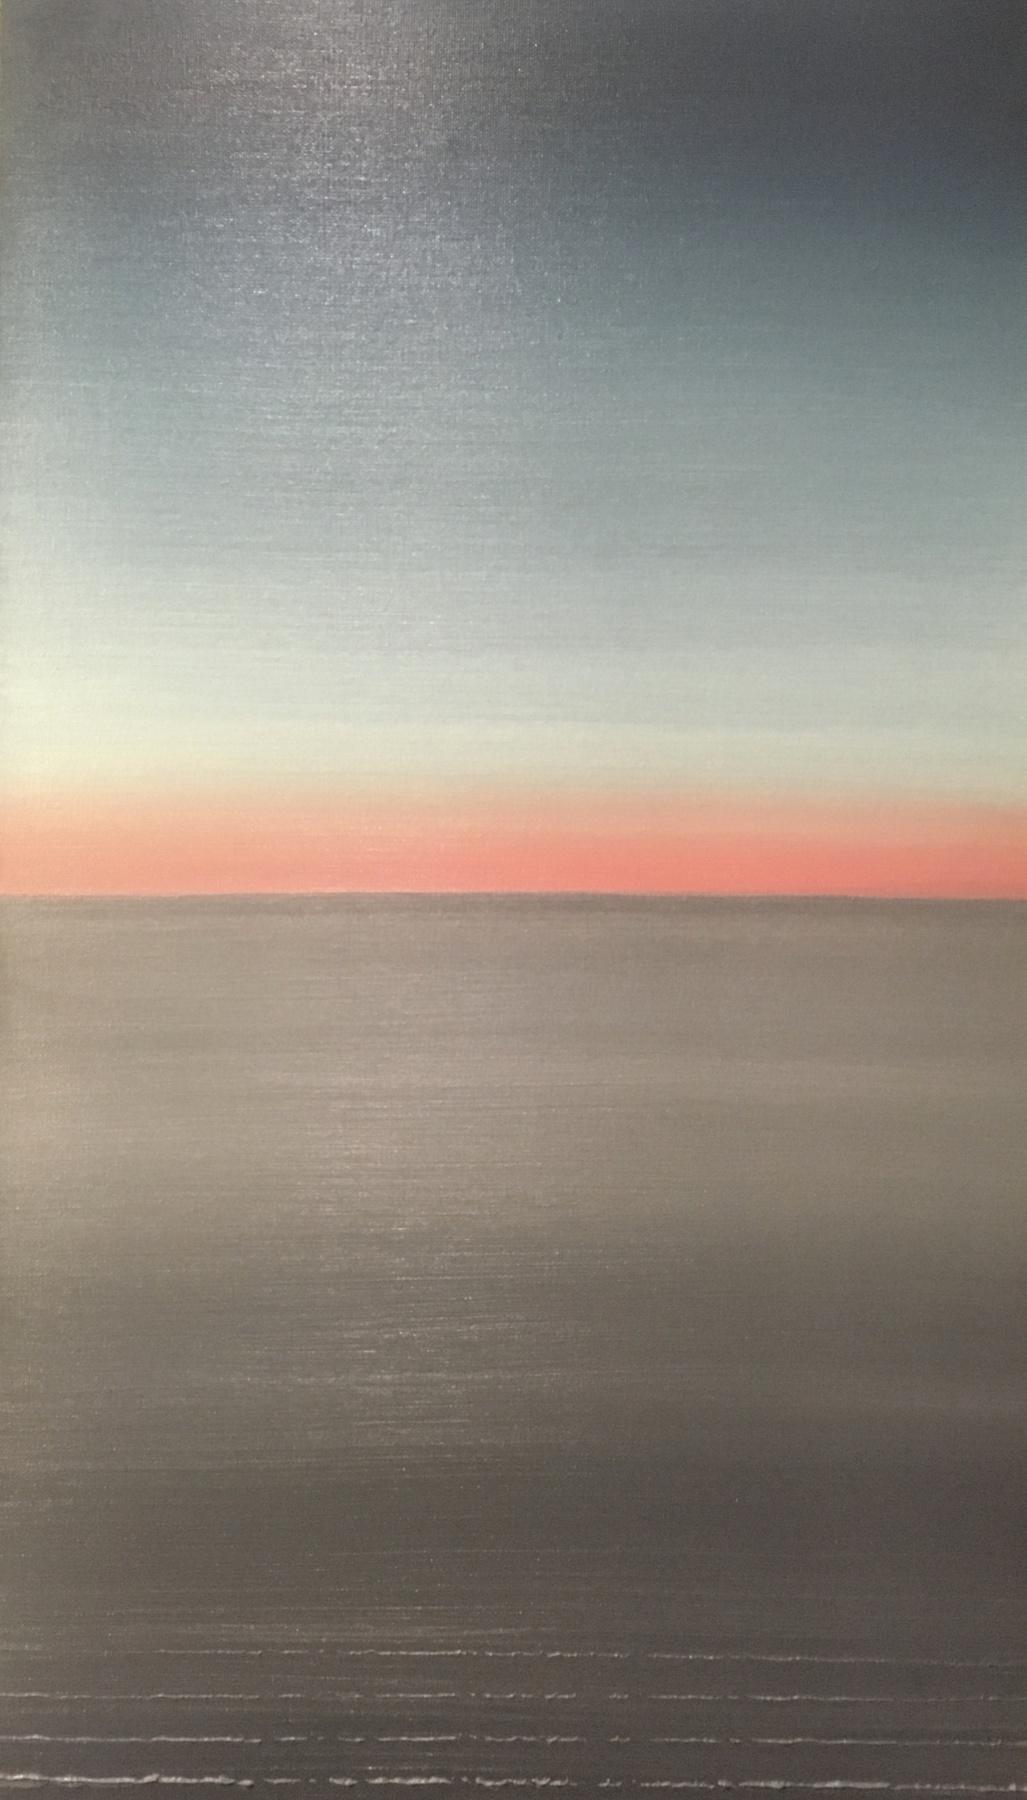 Empty. Horizon 3